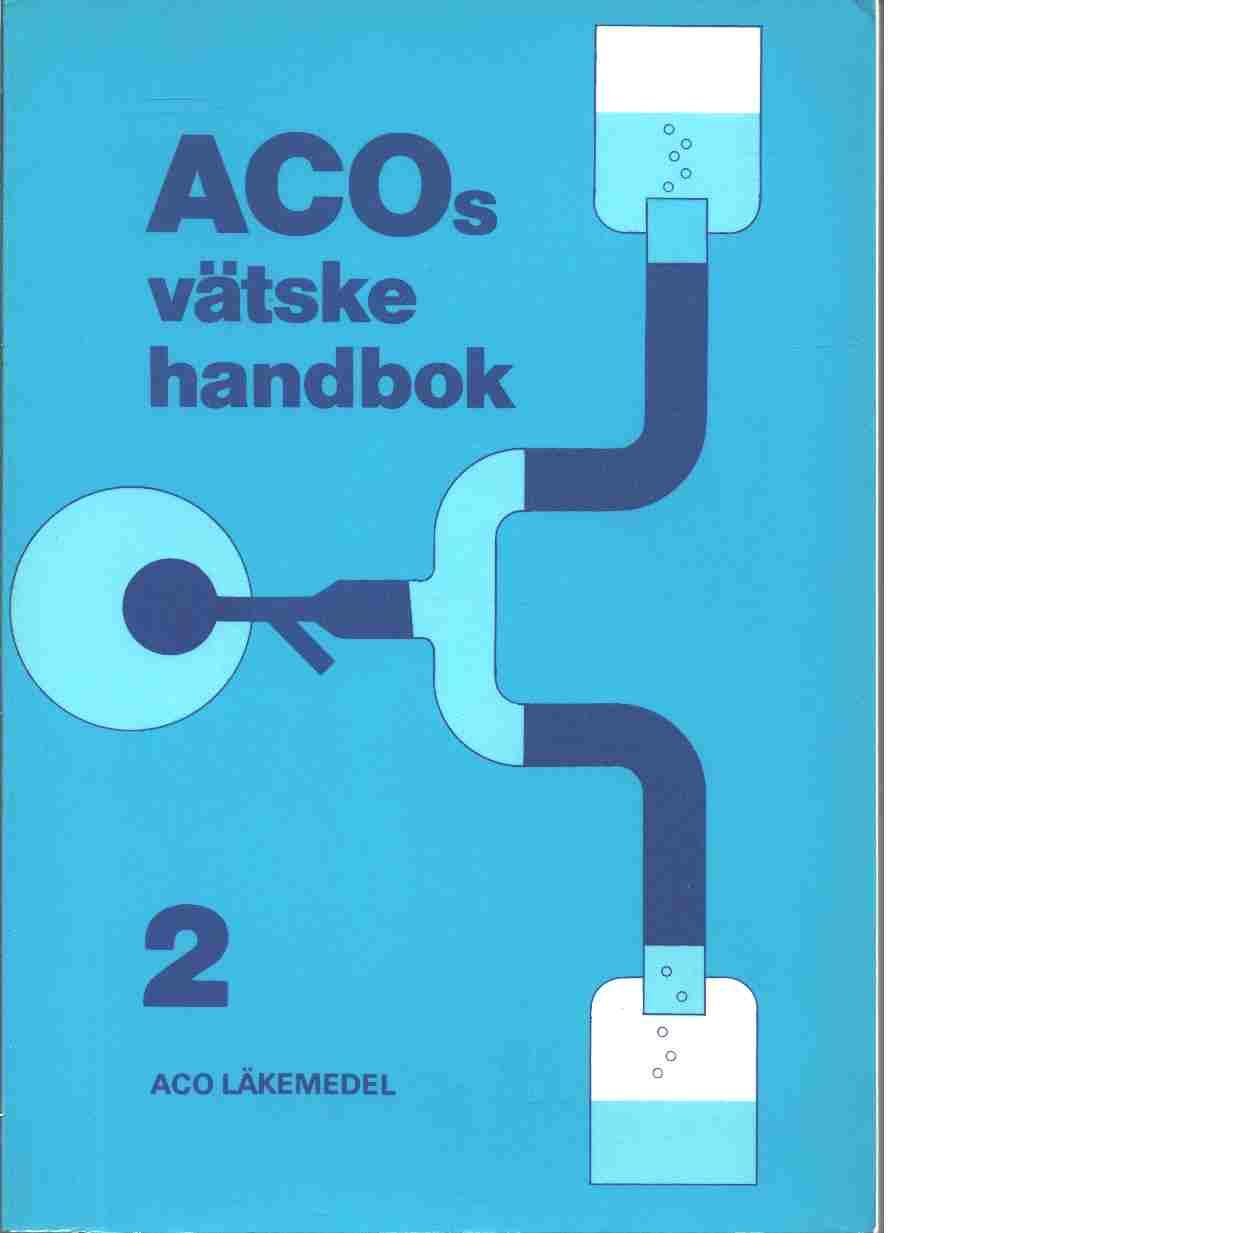 ACOs vätskehandbok - Red. Bergström, Jonas